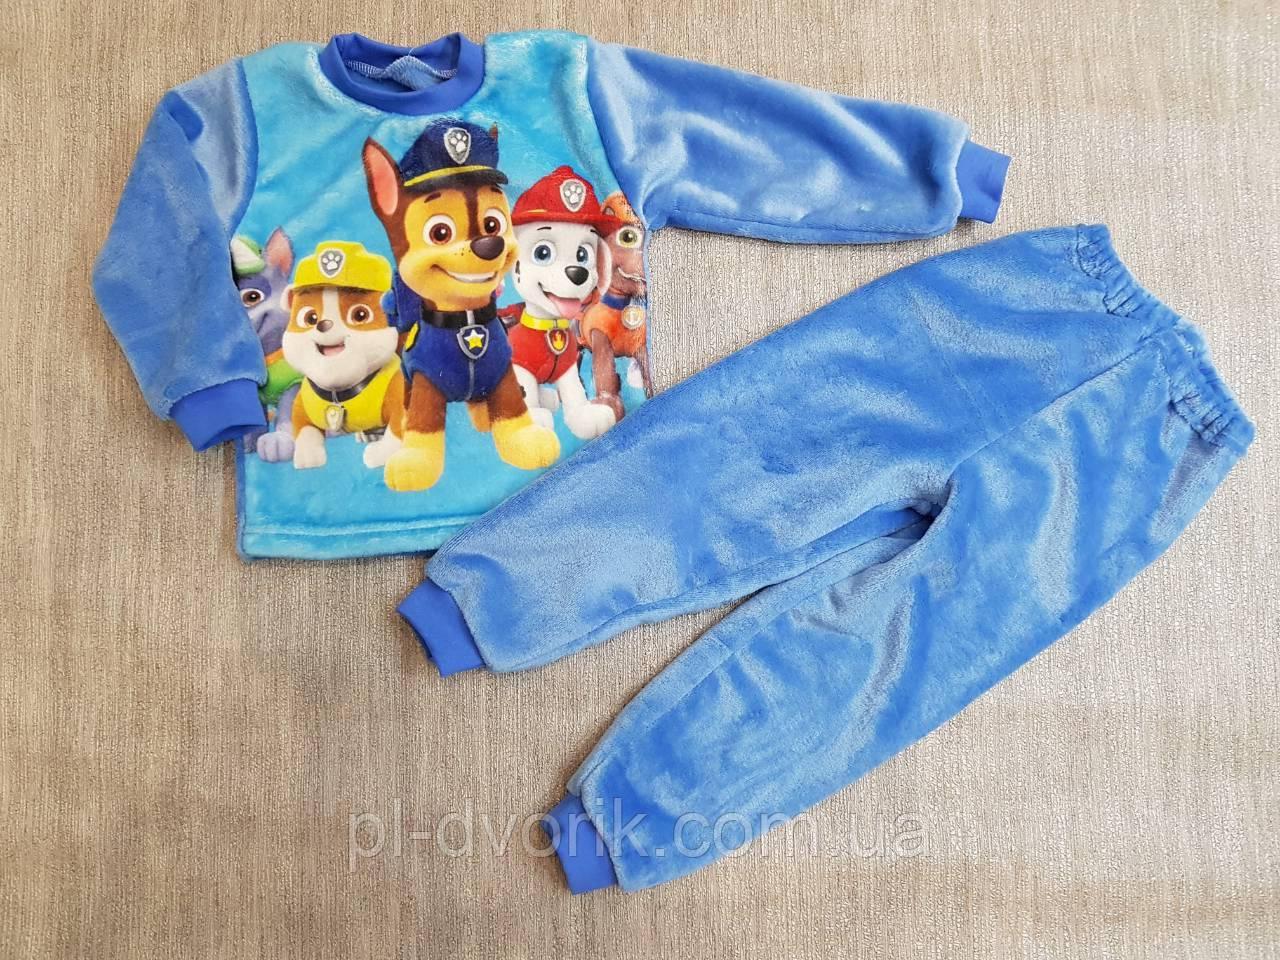 Пижама детская Фотопечать Ткань - велсофт  Цена 300 Размерный ряд: 28-30-32-34  Рост: 92-98,